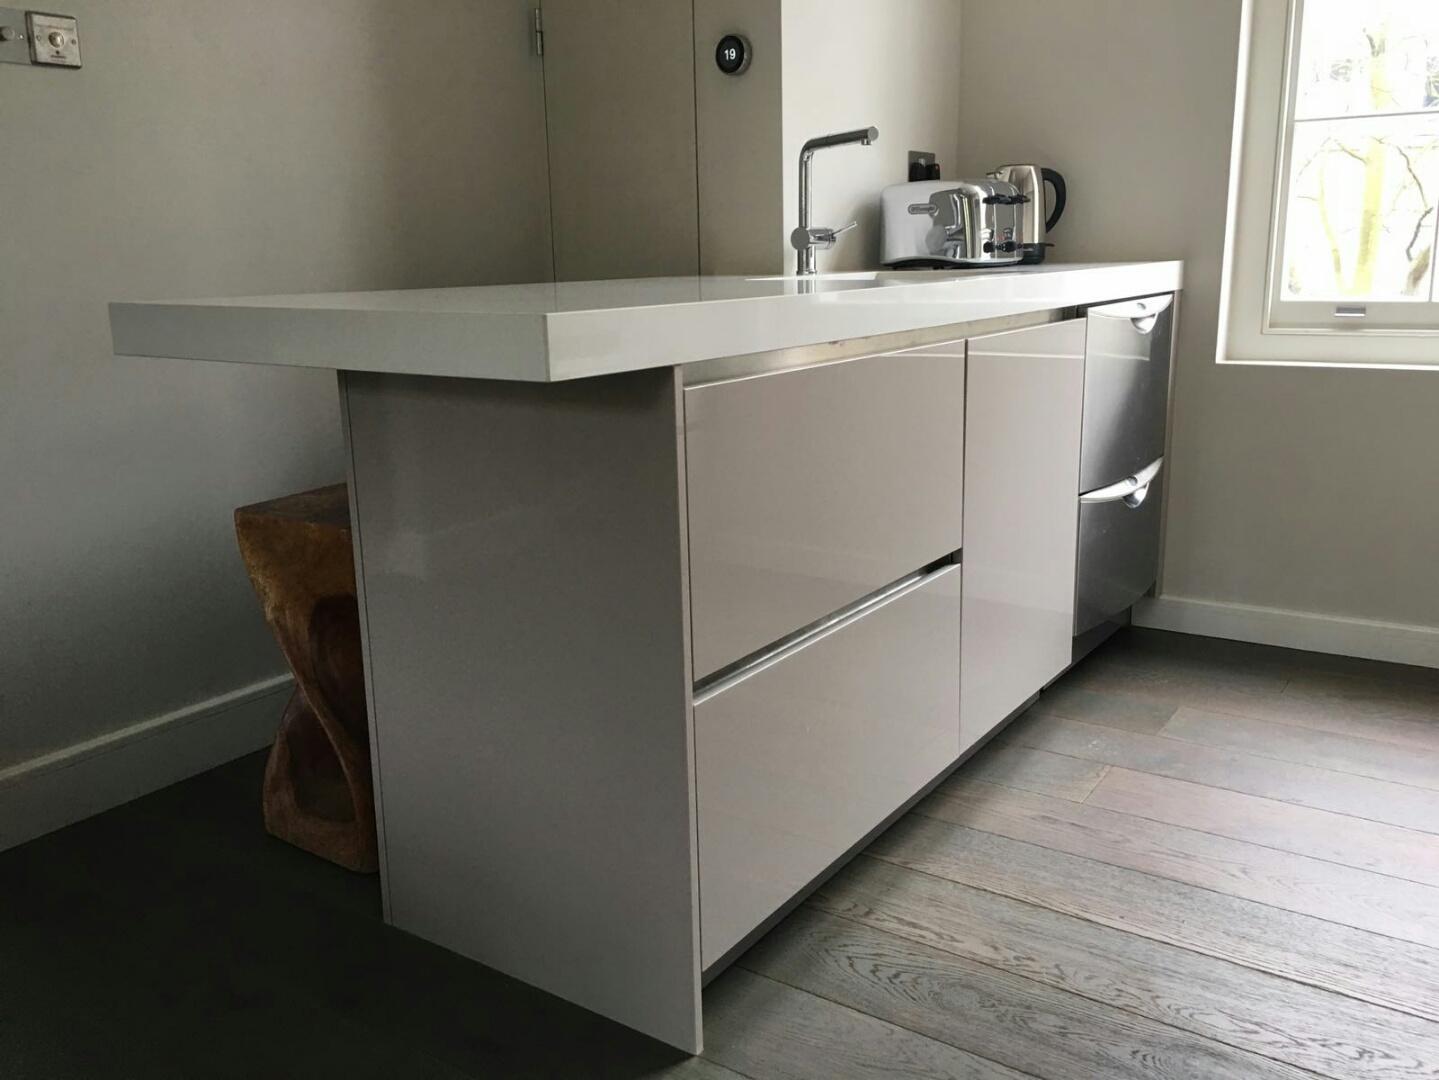 Gloss cashmere islington blax kitchens ltd for Cashmere kitchen units